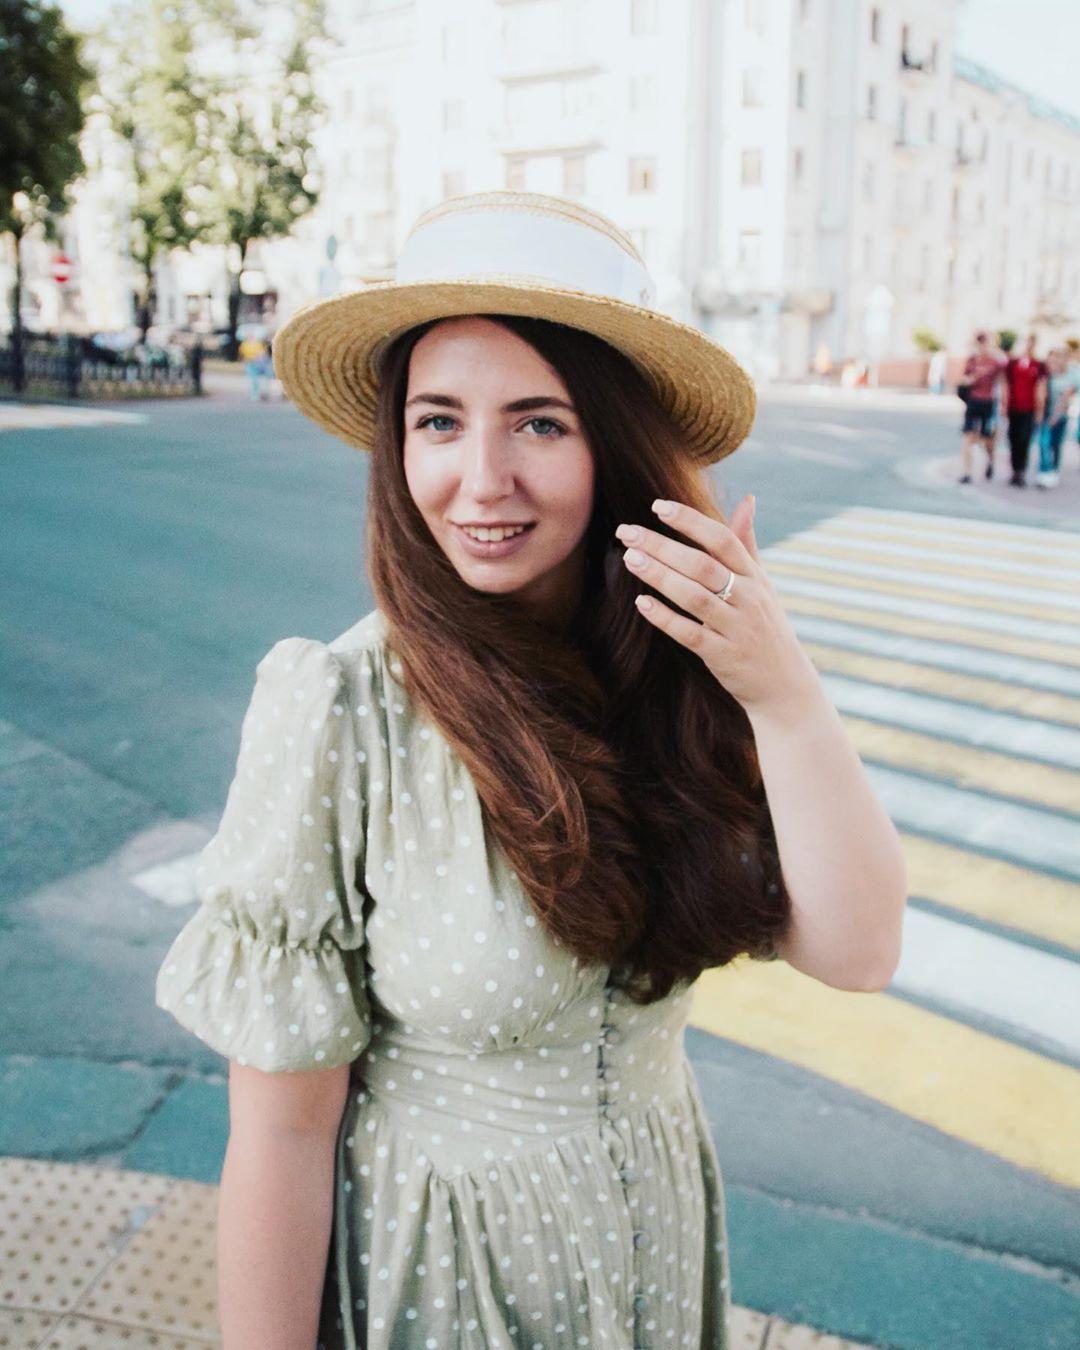 Девушка в чайном платье и шляпке